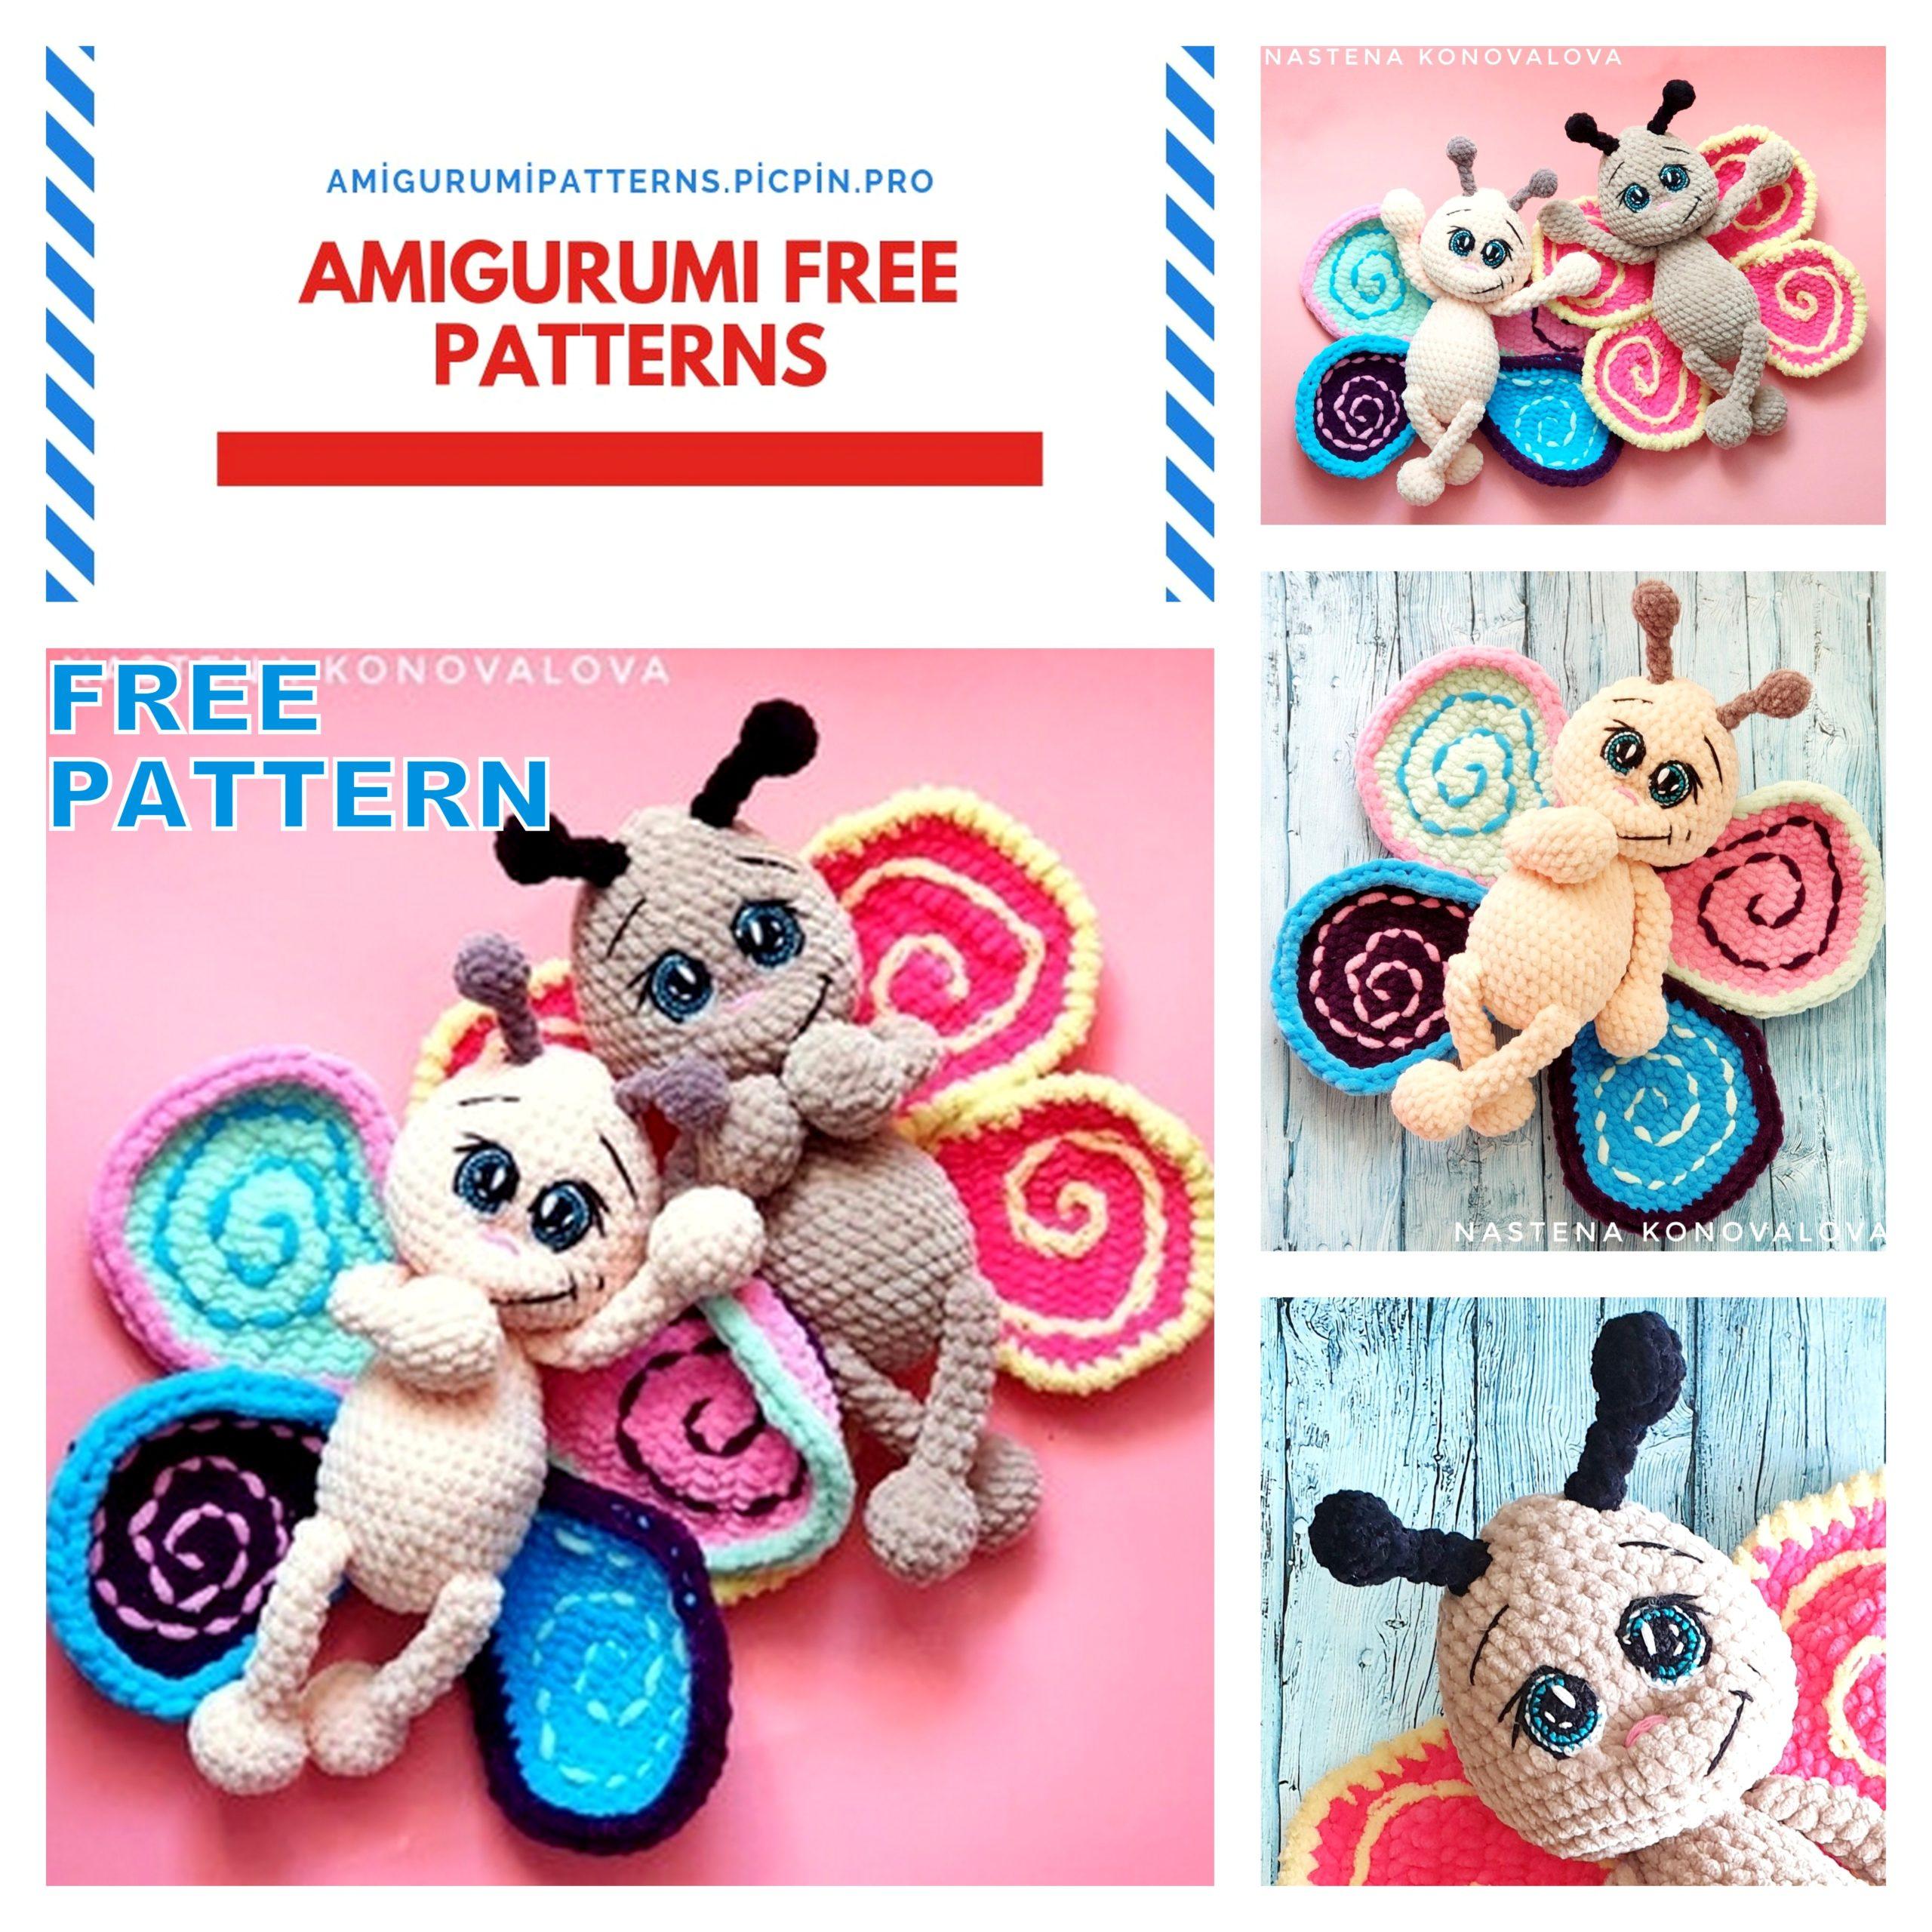 Butterfly baby rattle crochet pattern - Amigurumi Today | 2560x2560